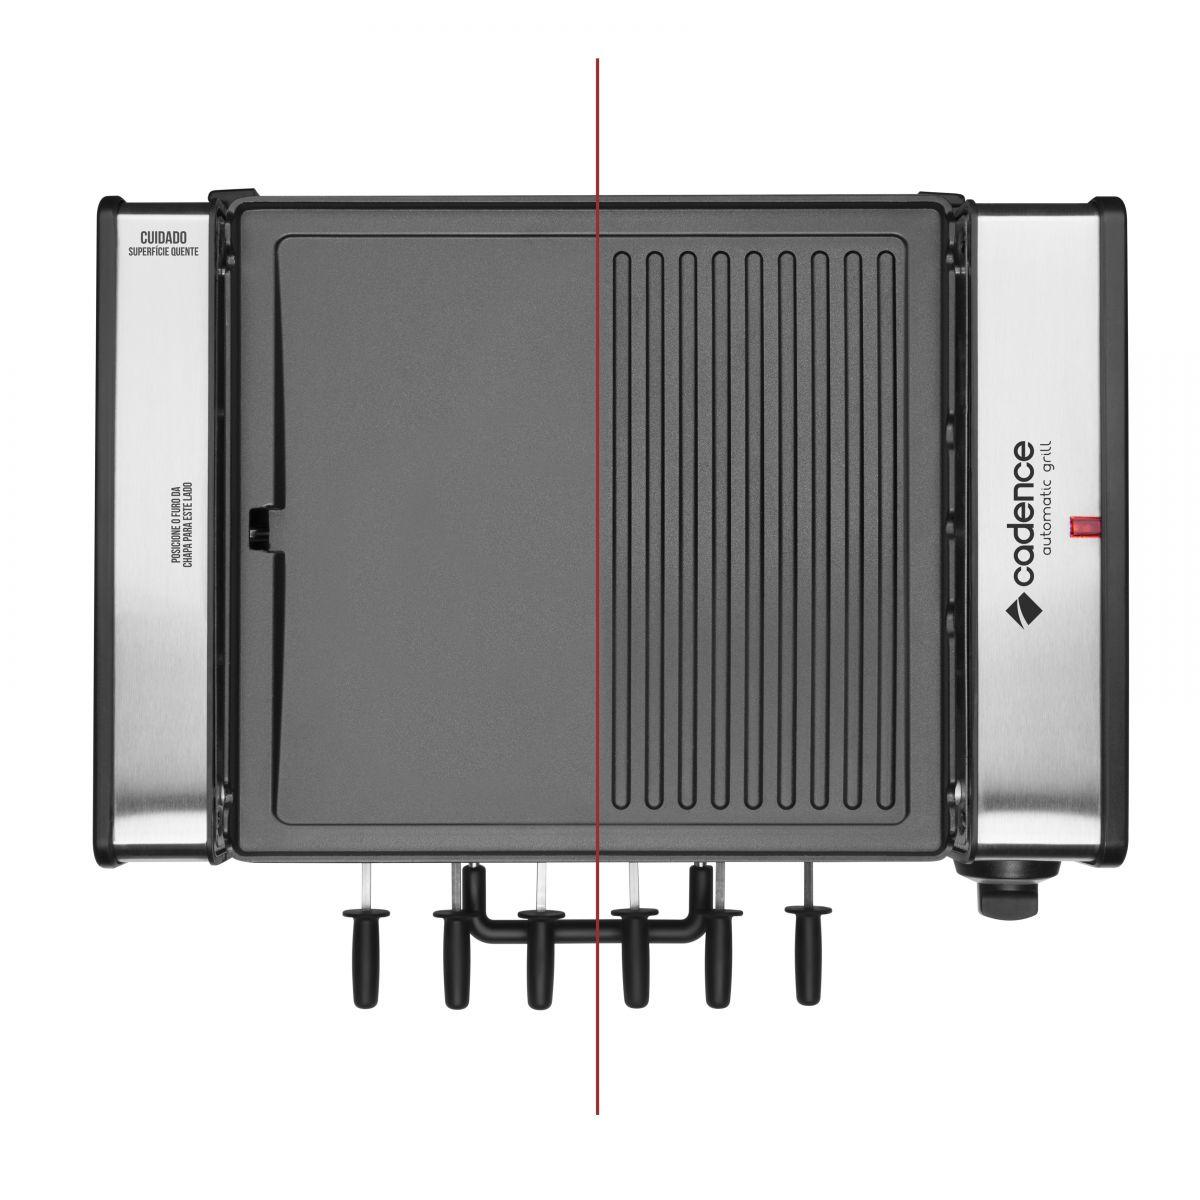 Churrasqueira Elétrica Automática e Grill Cadence GRL700 - 127V  - ShopNoroeste.com.br